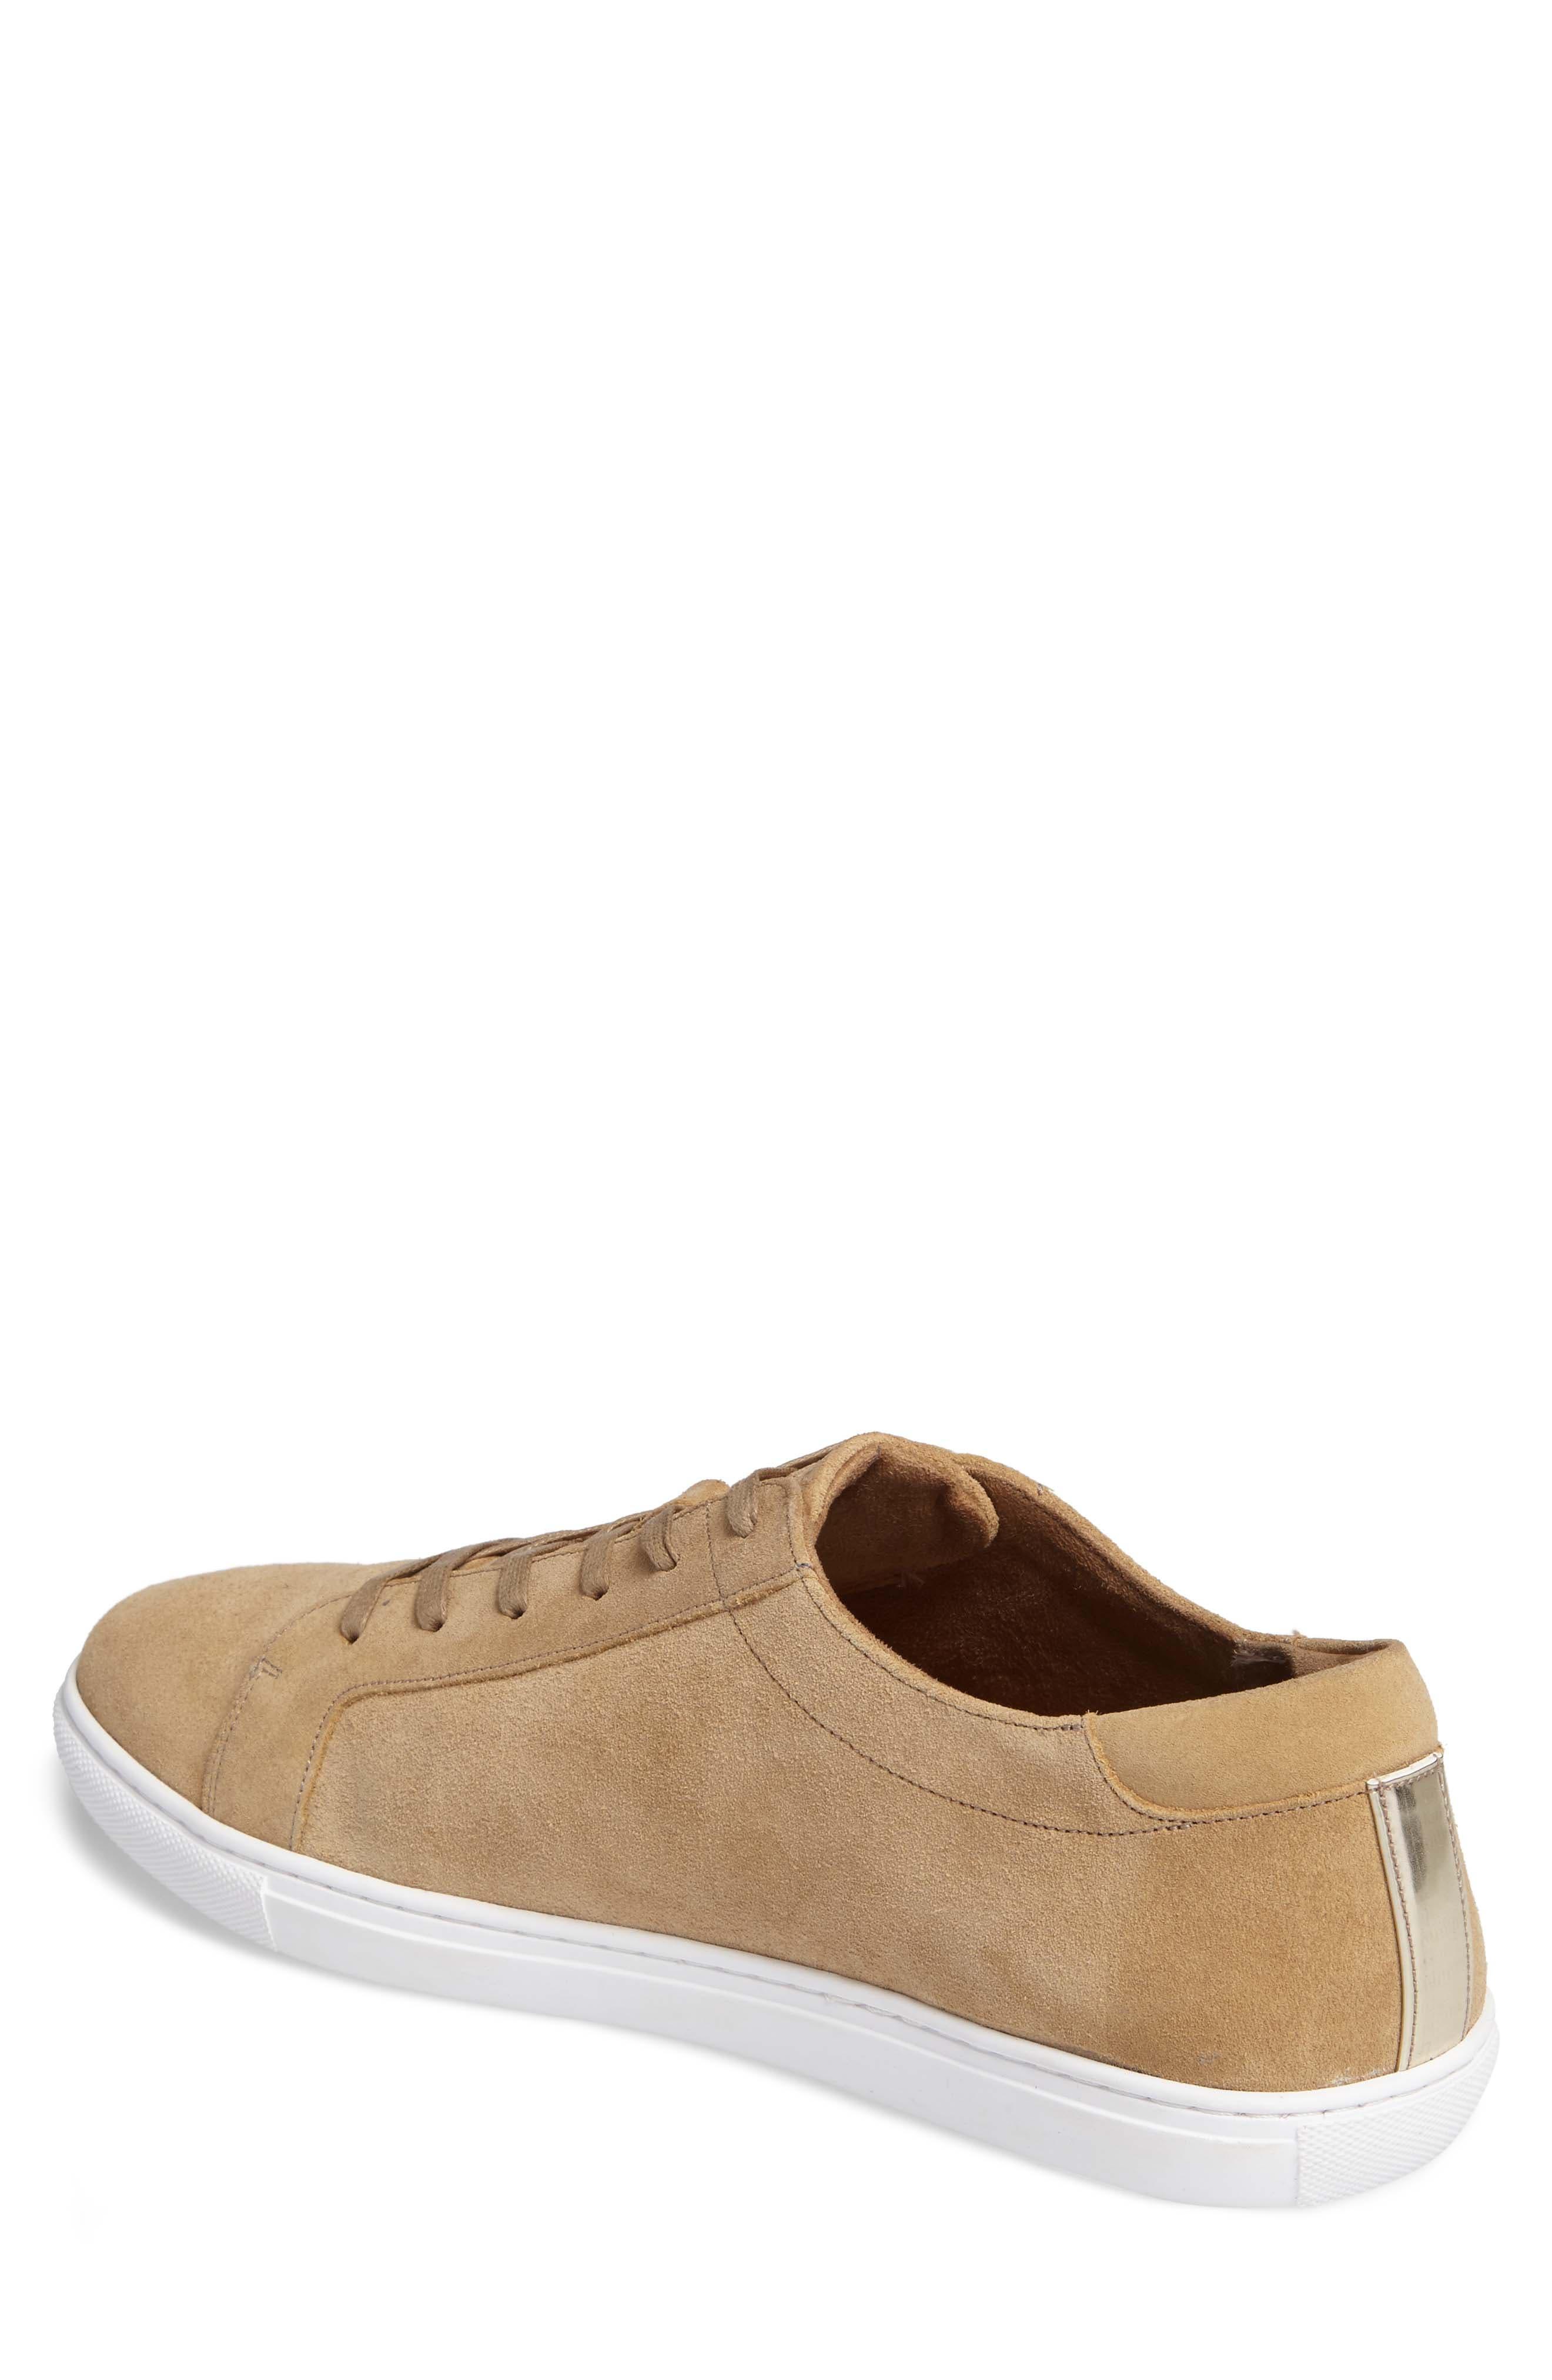 Kam Sneaker,                             Alternate thumbnail 13, color,